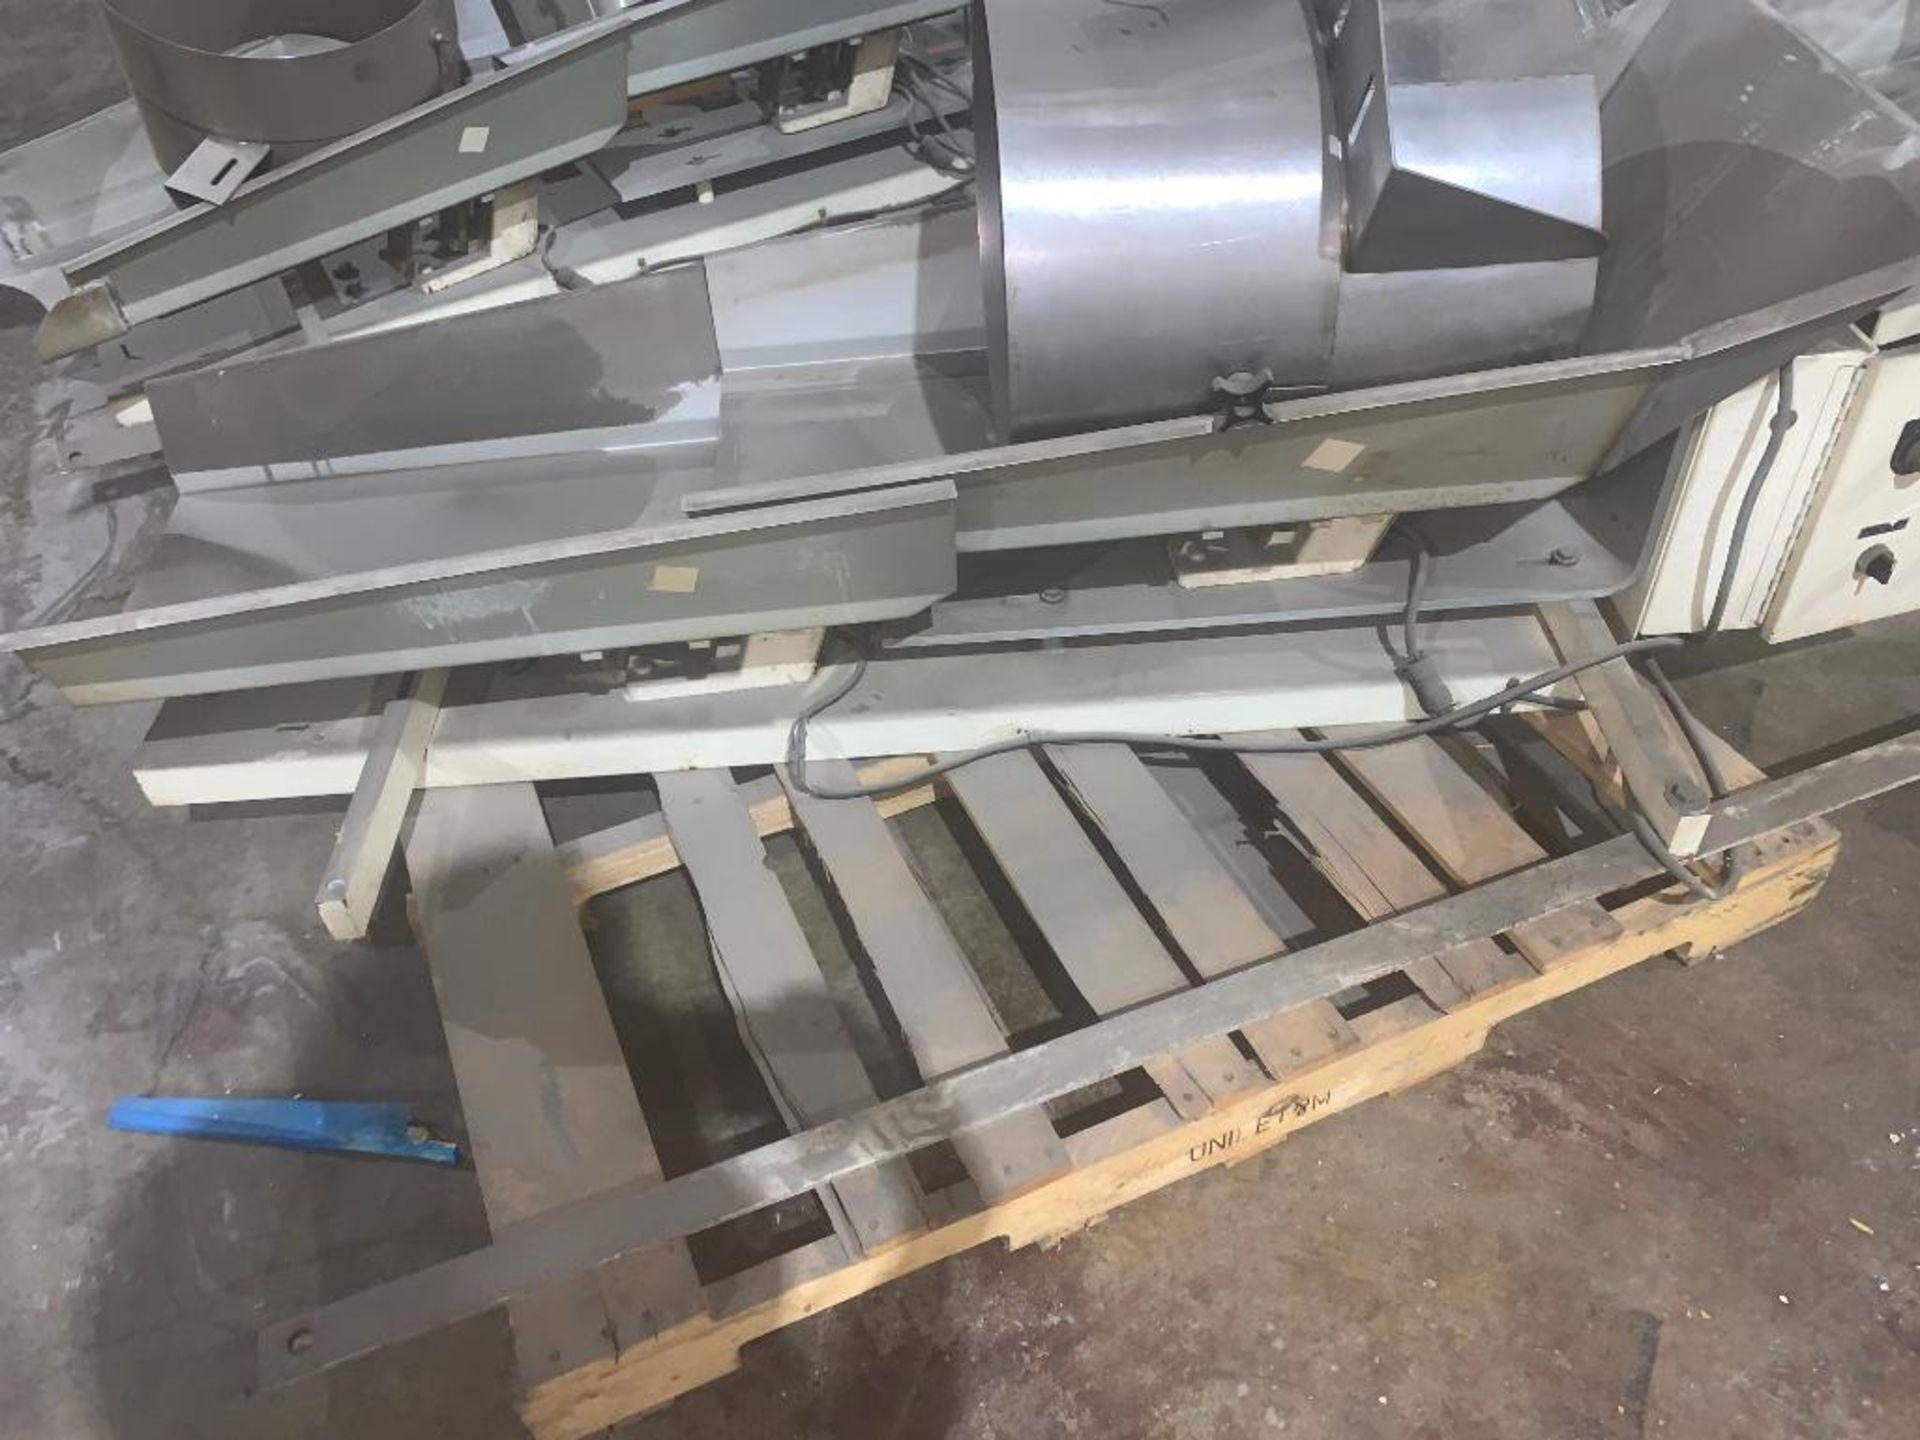 vibratory conveyor - Image 6 of 6